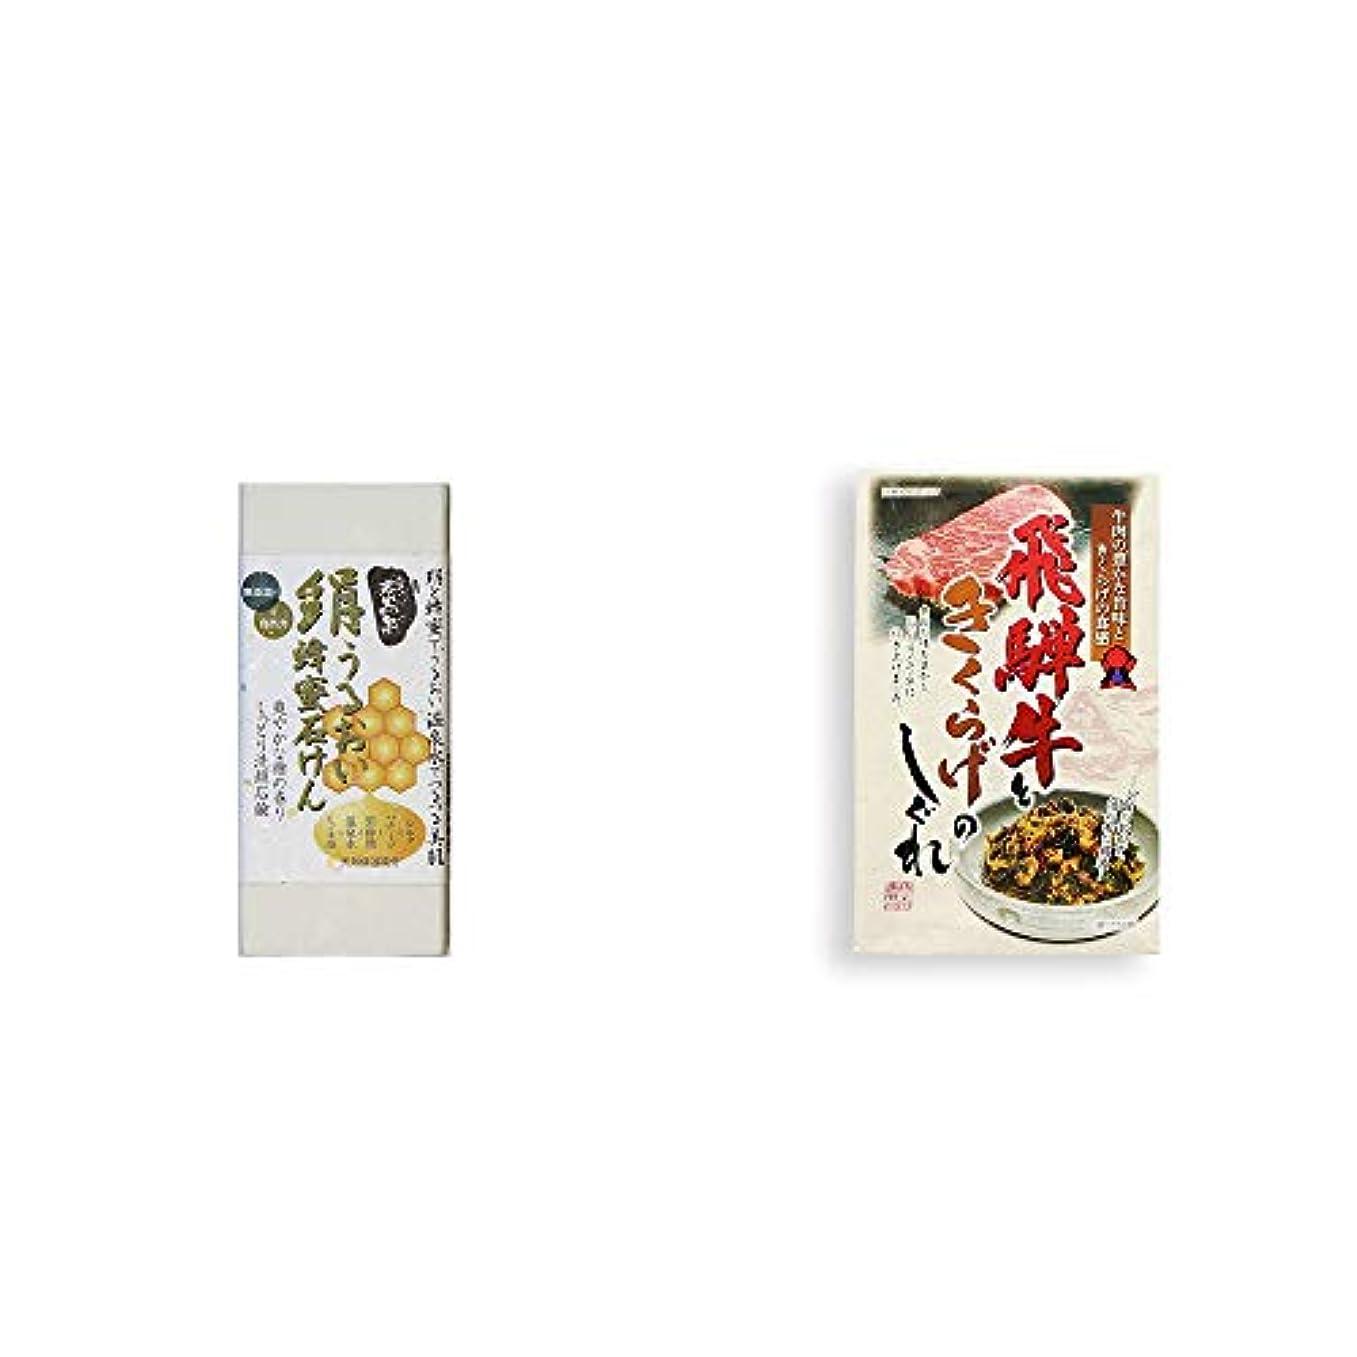 文庫本遠えによって[2点セット] ひのき炭黒泉 絹うるおい蜂蜜石けん(75g×2)?飛騨牛ときくらげのしぐれ(200g)